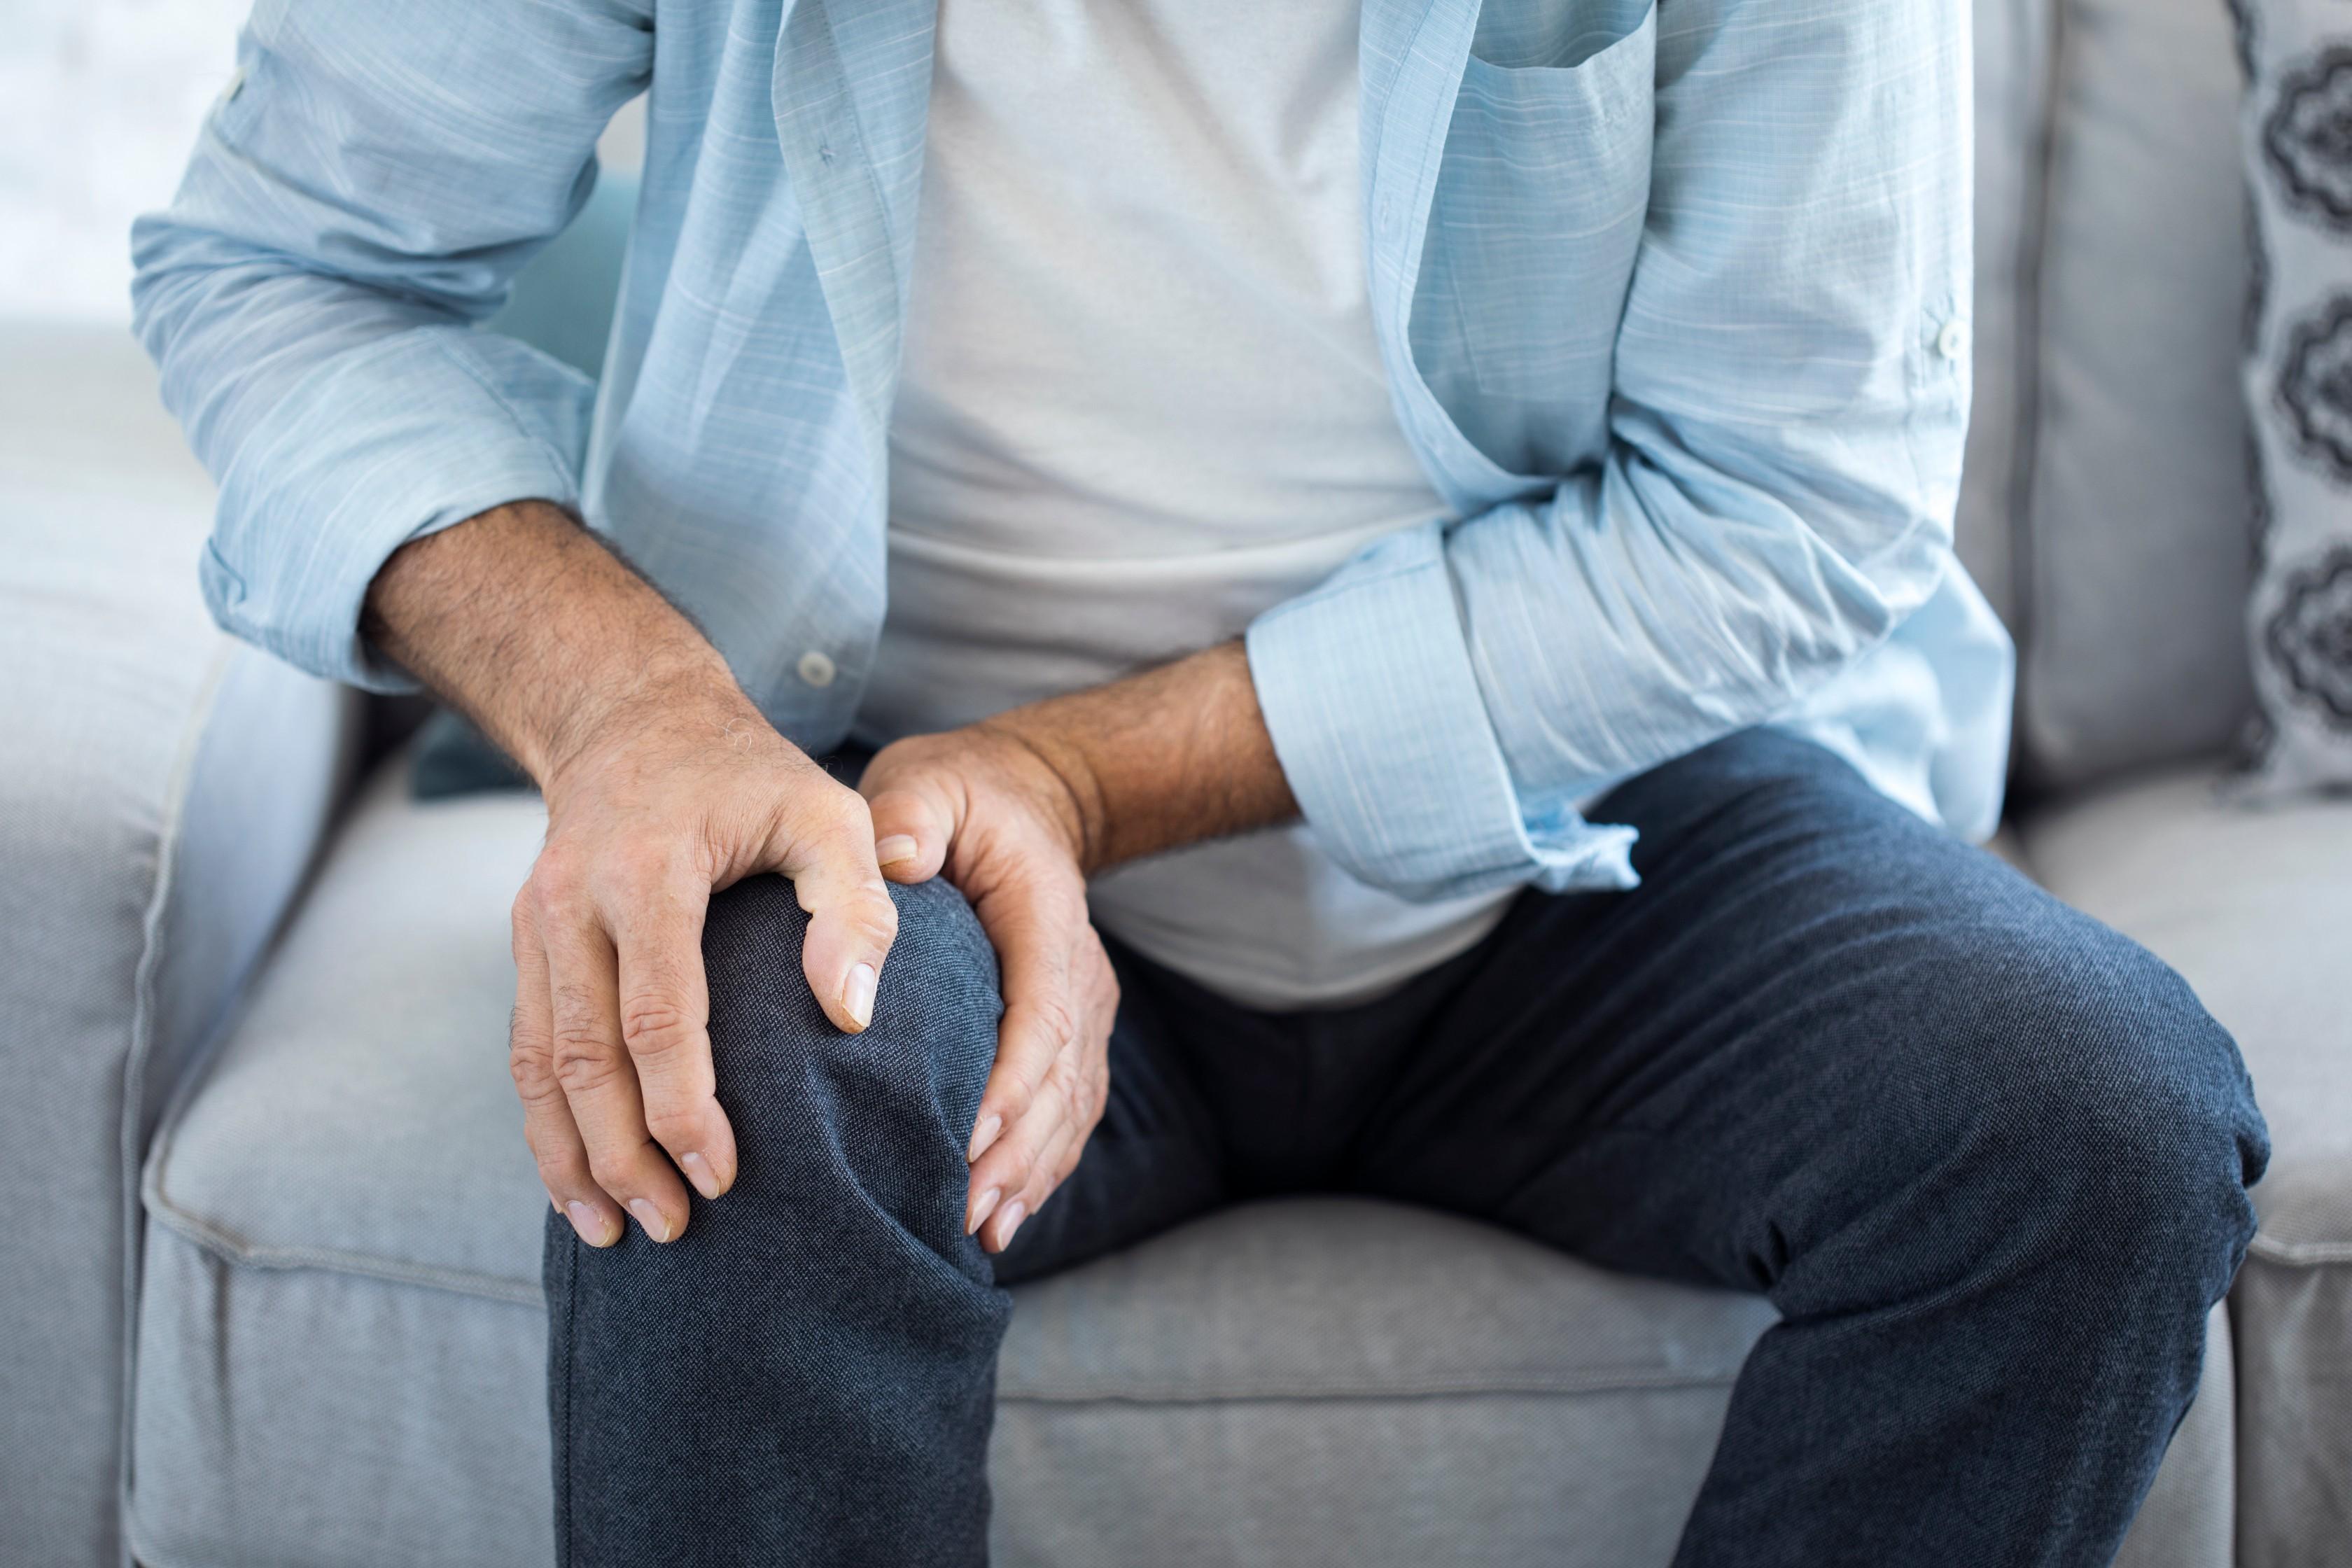 készülékek ízületi fájdalomra a térdízület kezelés hézagának szűkítése